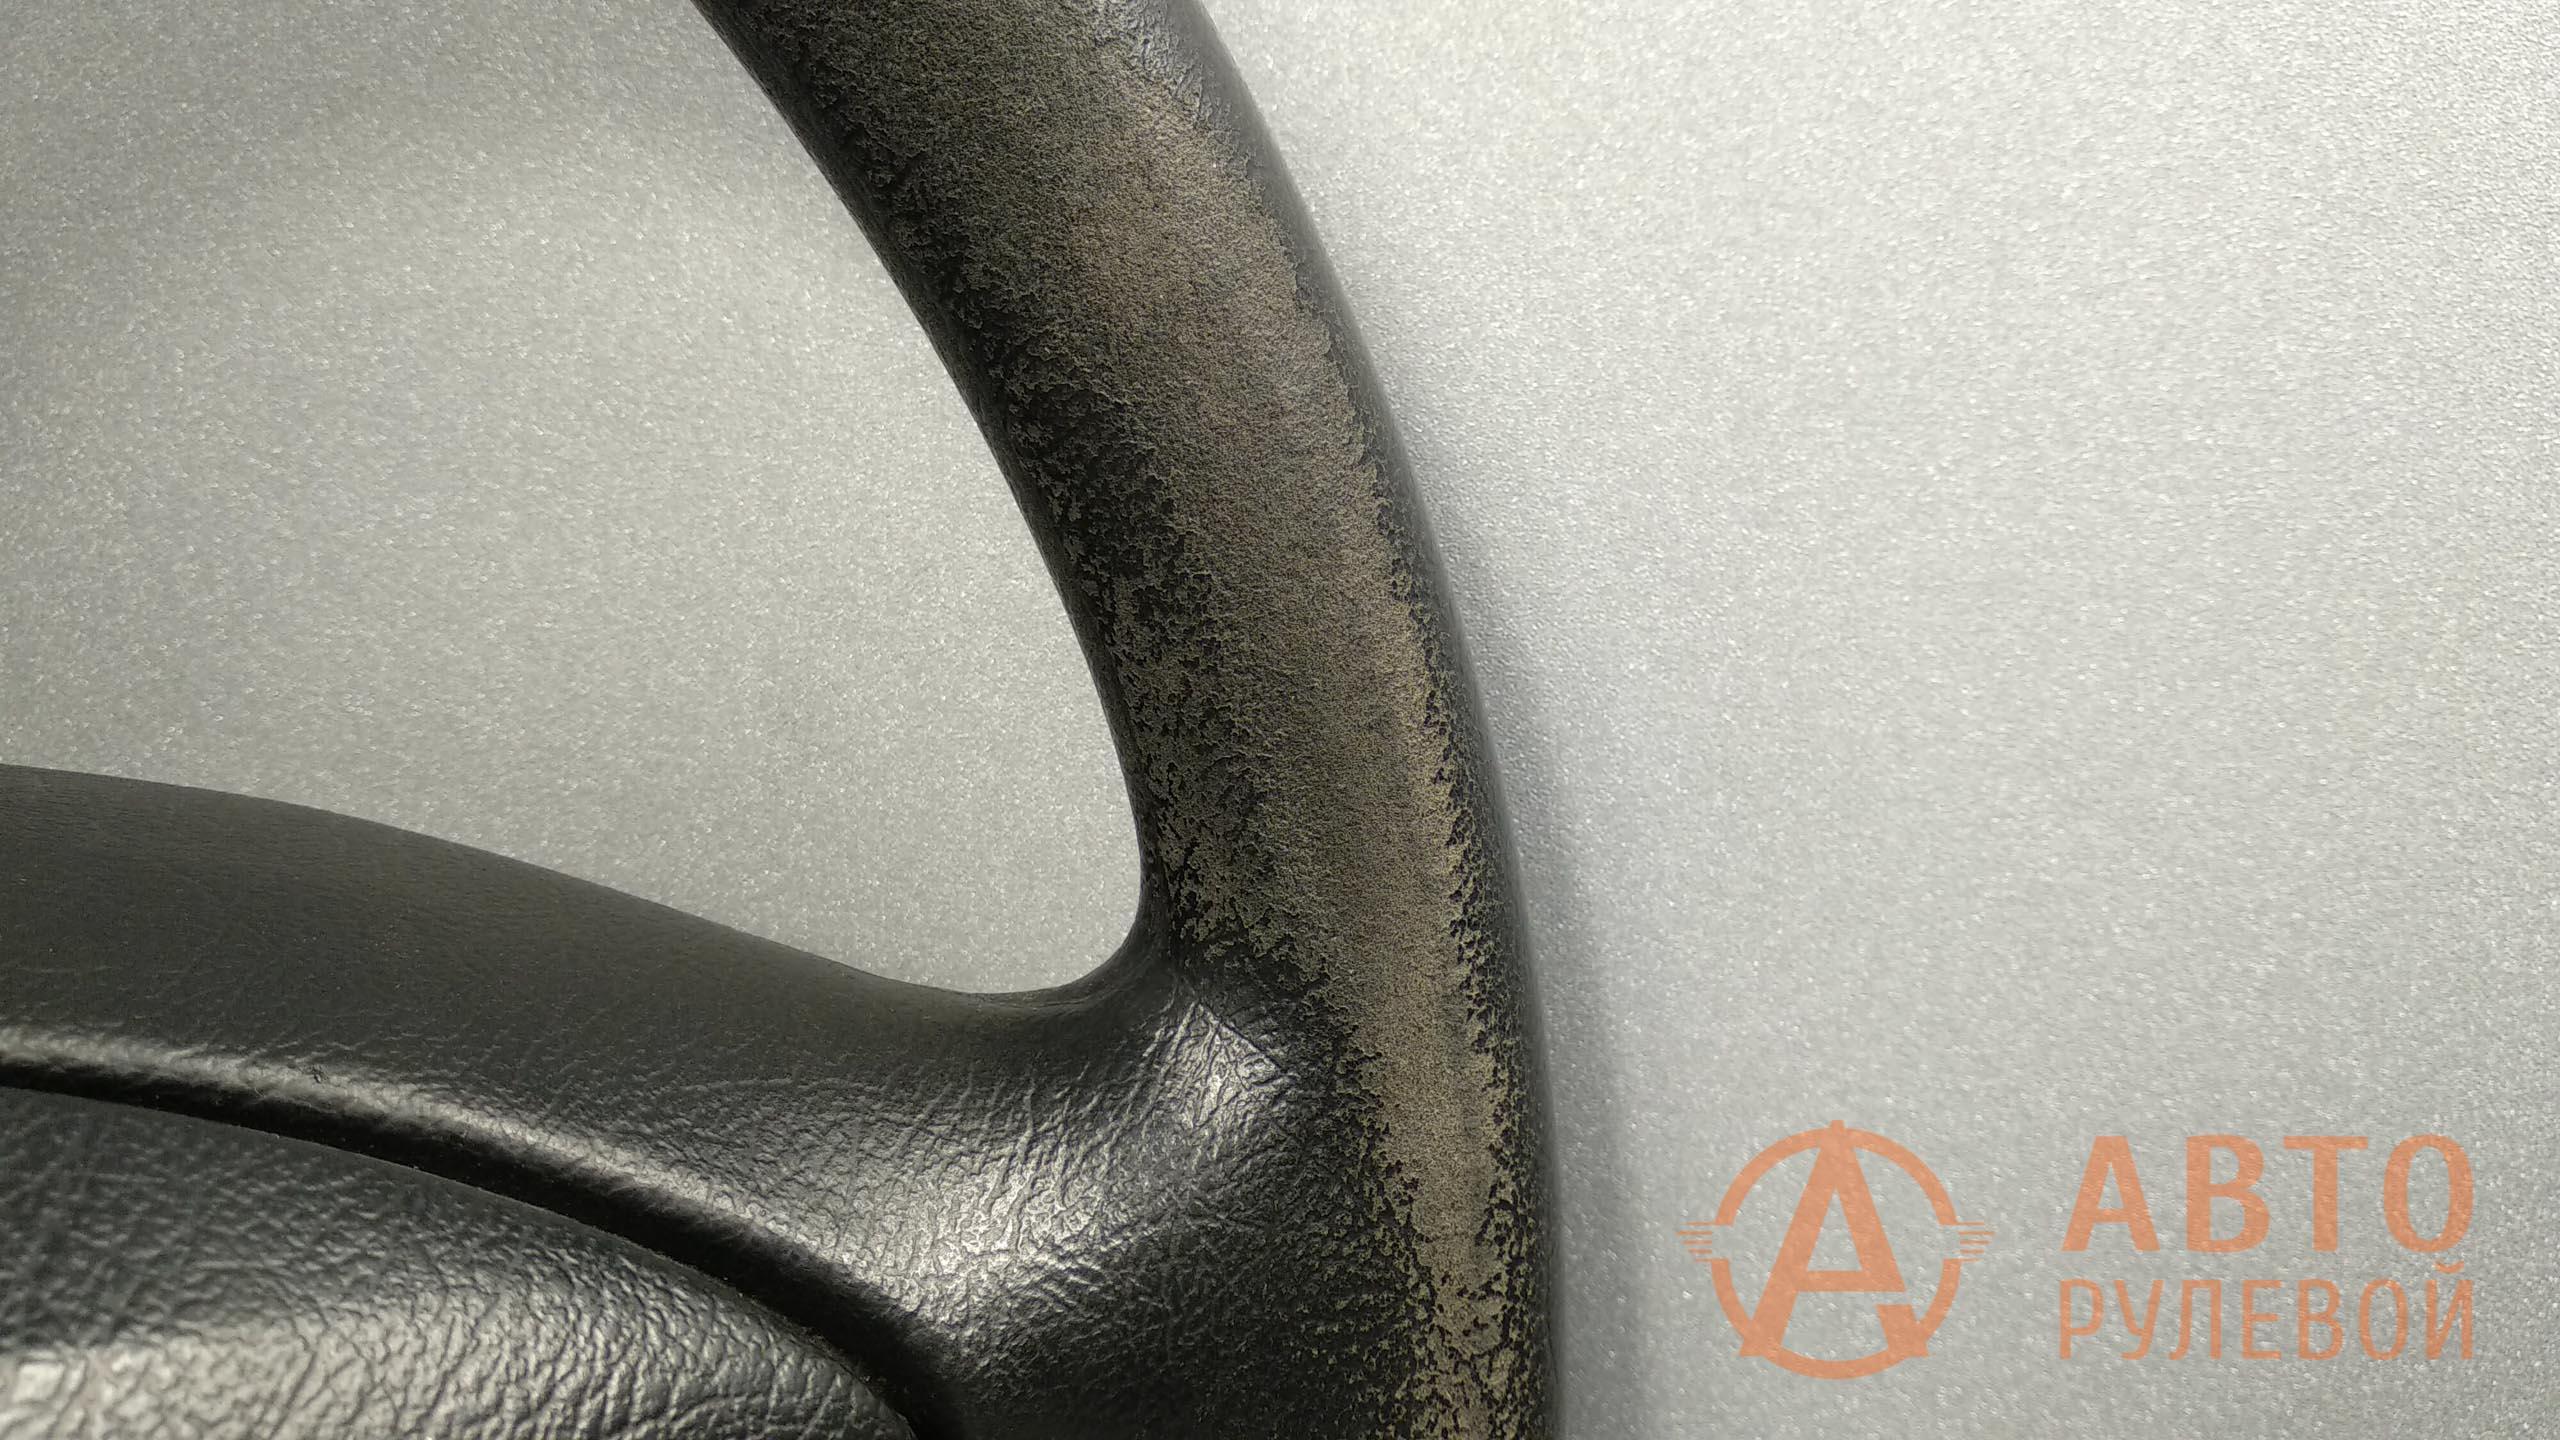 Протёртый руль Citroen Berlingo 1 поколение (M49) рестайлинг 2011 до перетяжки - 4